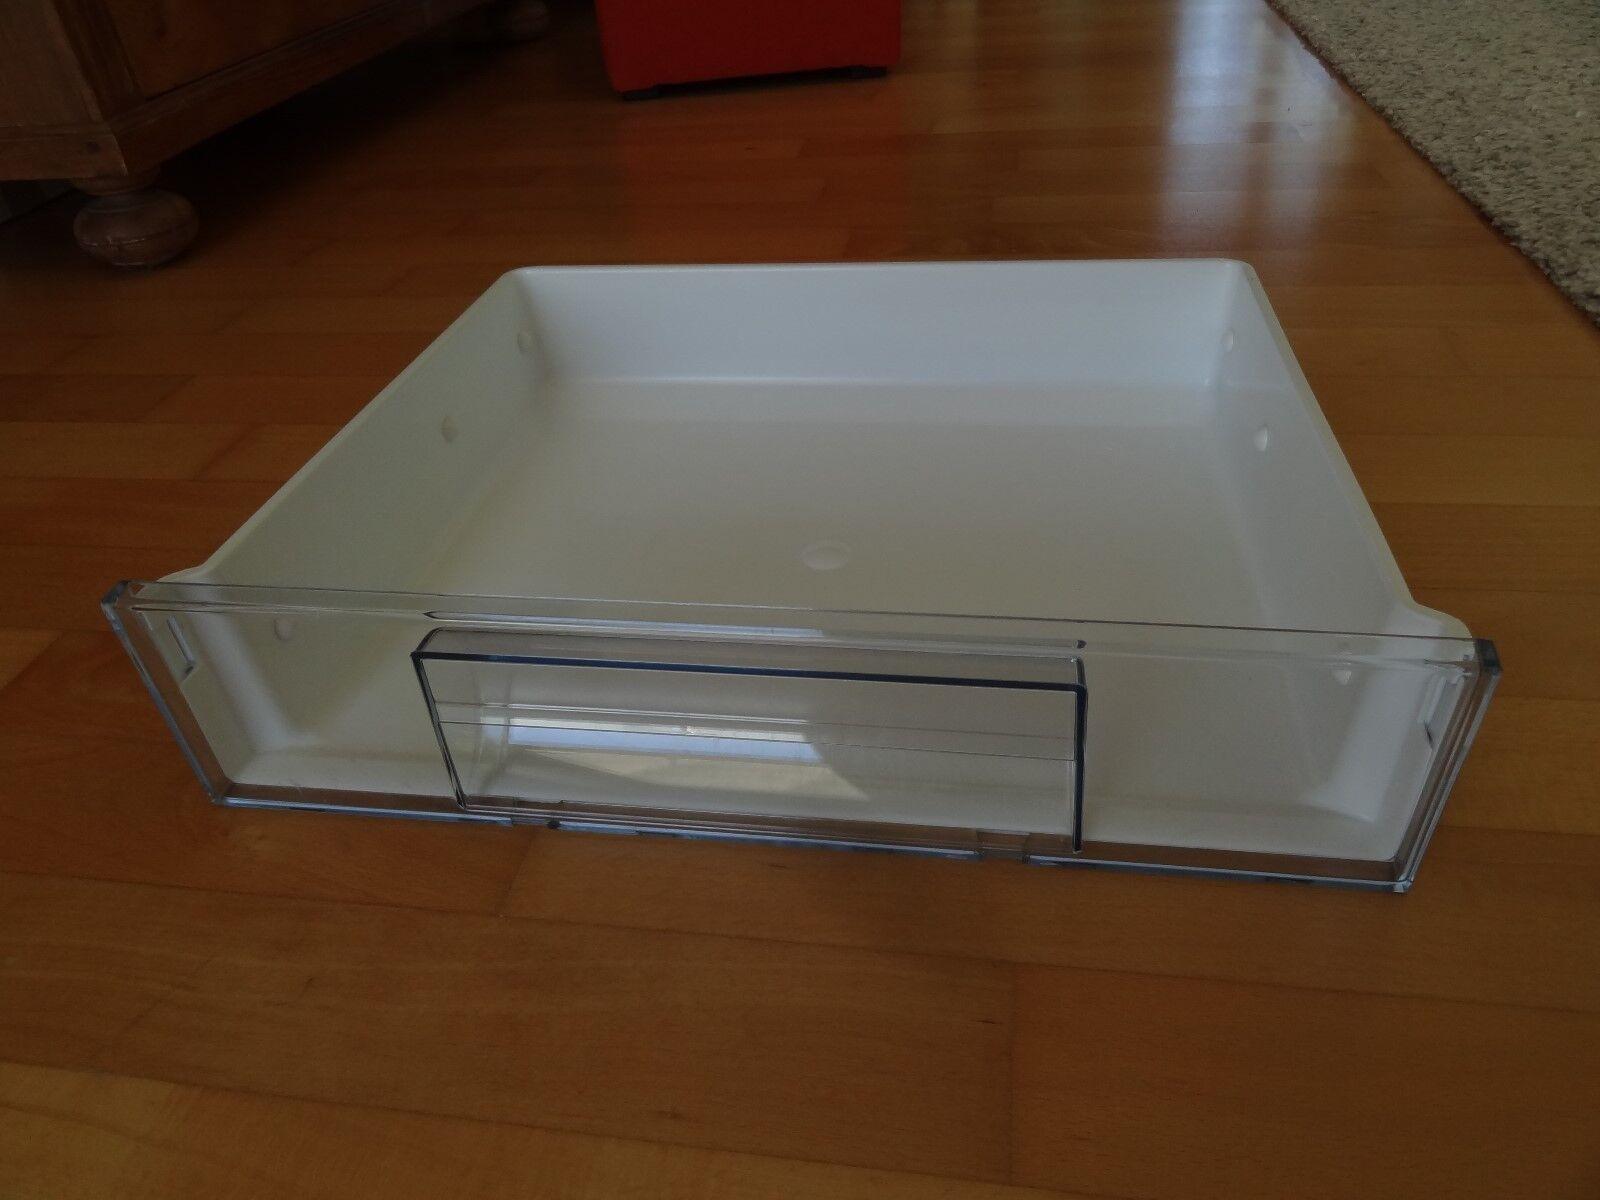 Aeg Kühlschrank Ersatzteile Santo : Kühlung thermostat k p ersatzteile teile für